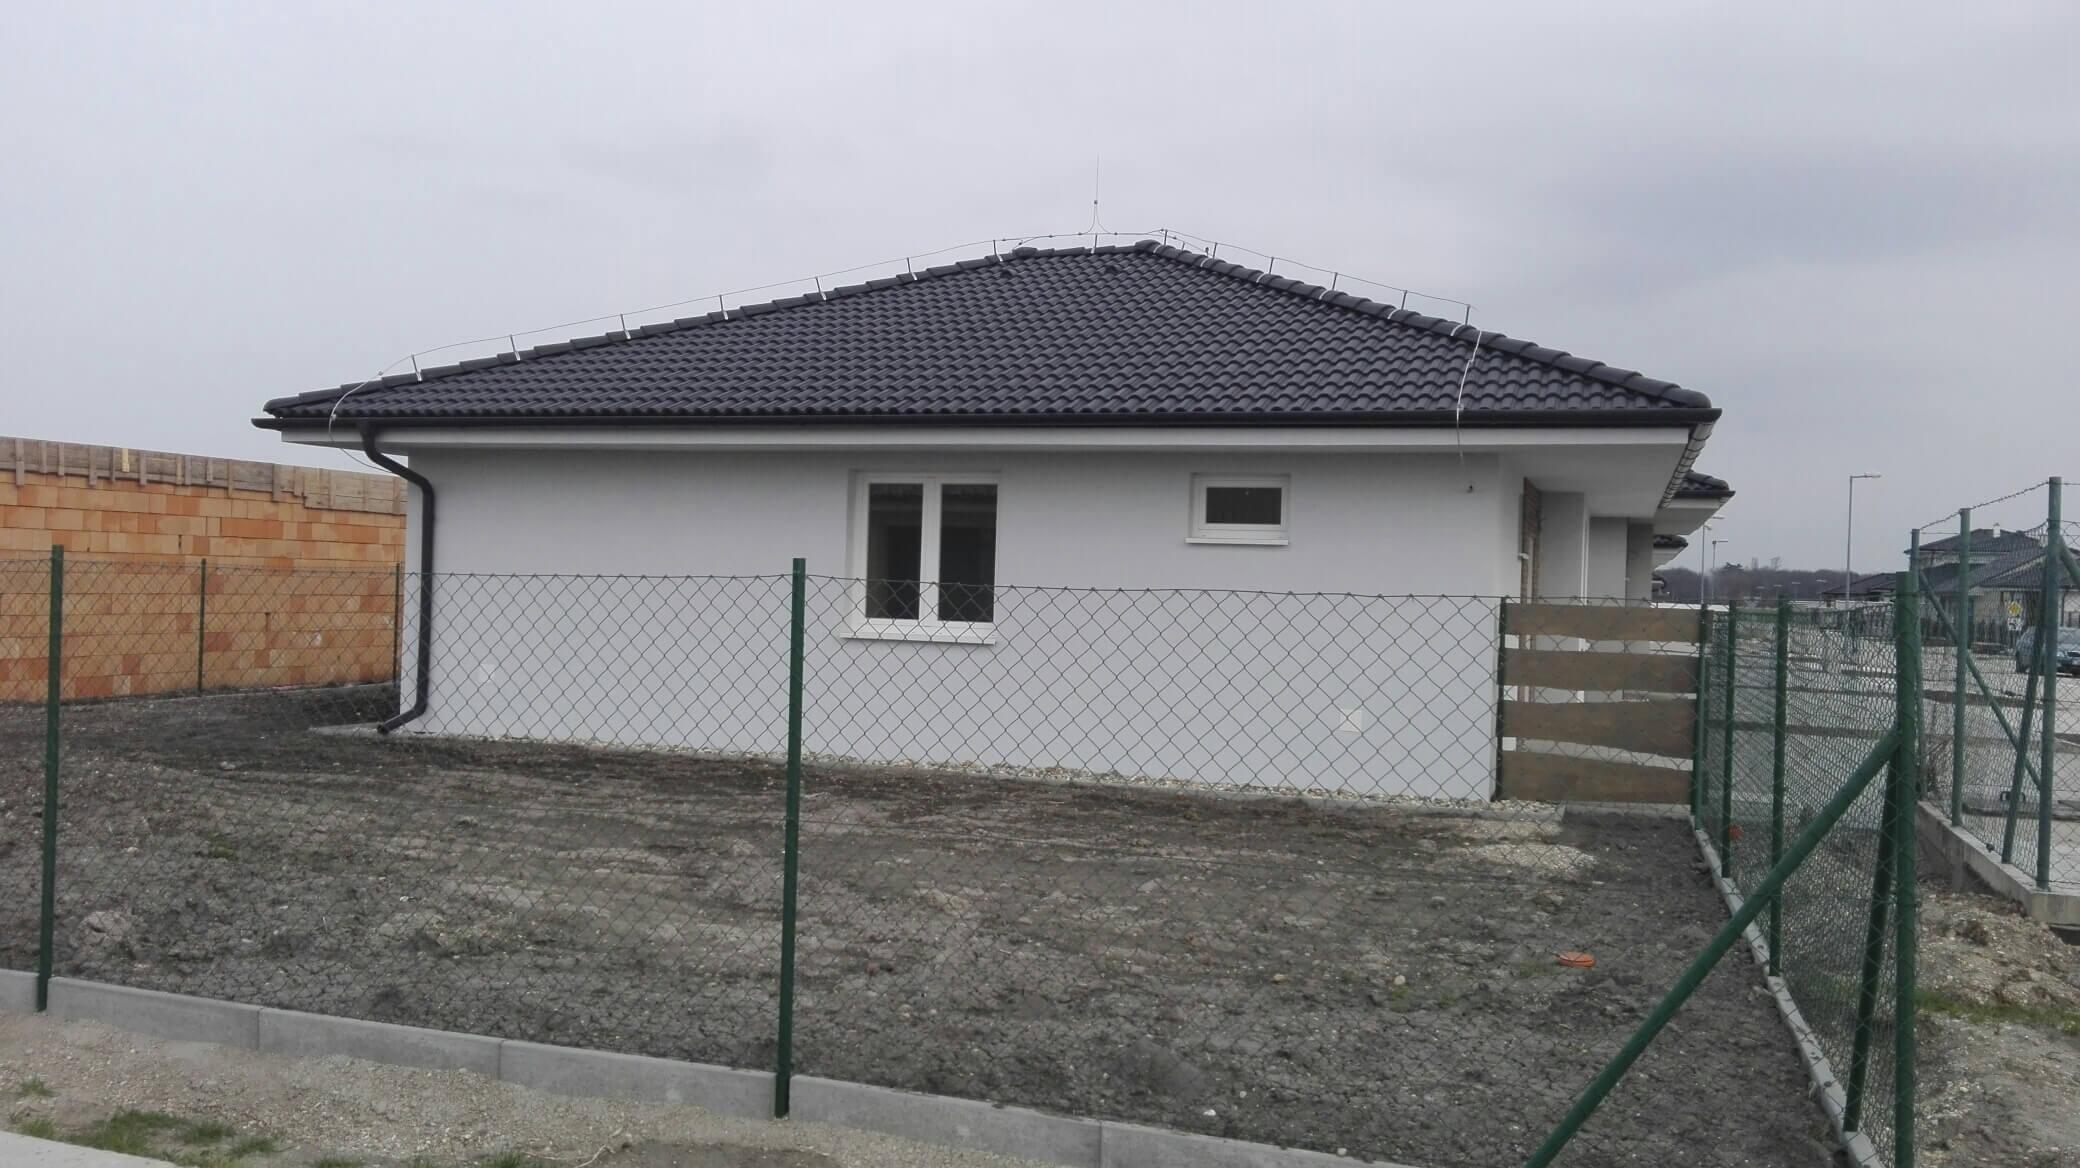 Predané: Novostavba na kľúč + kuchyňa + pozemok len za 98 000 Eur, iba 25km od Bratislavy-6